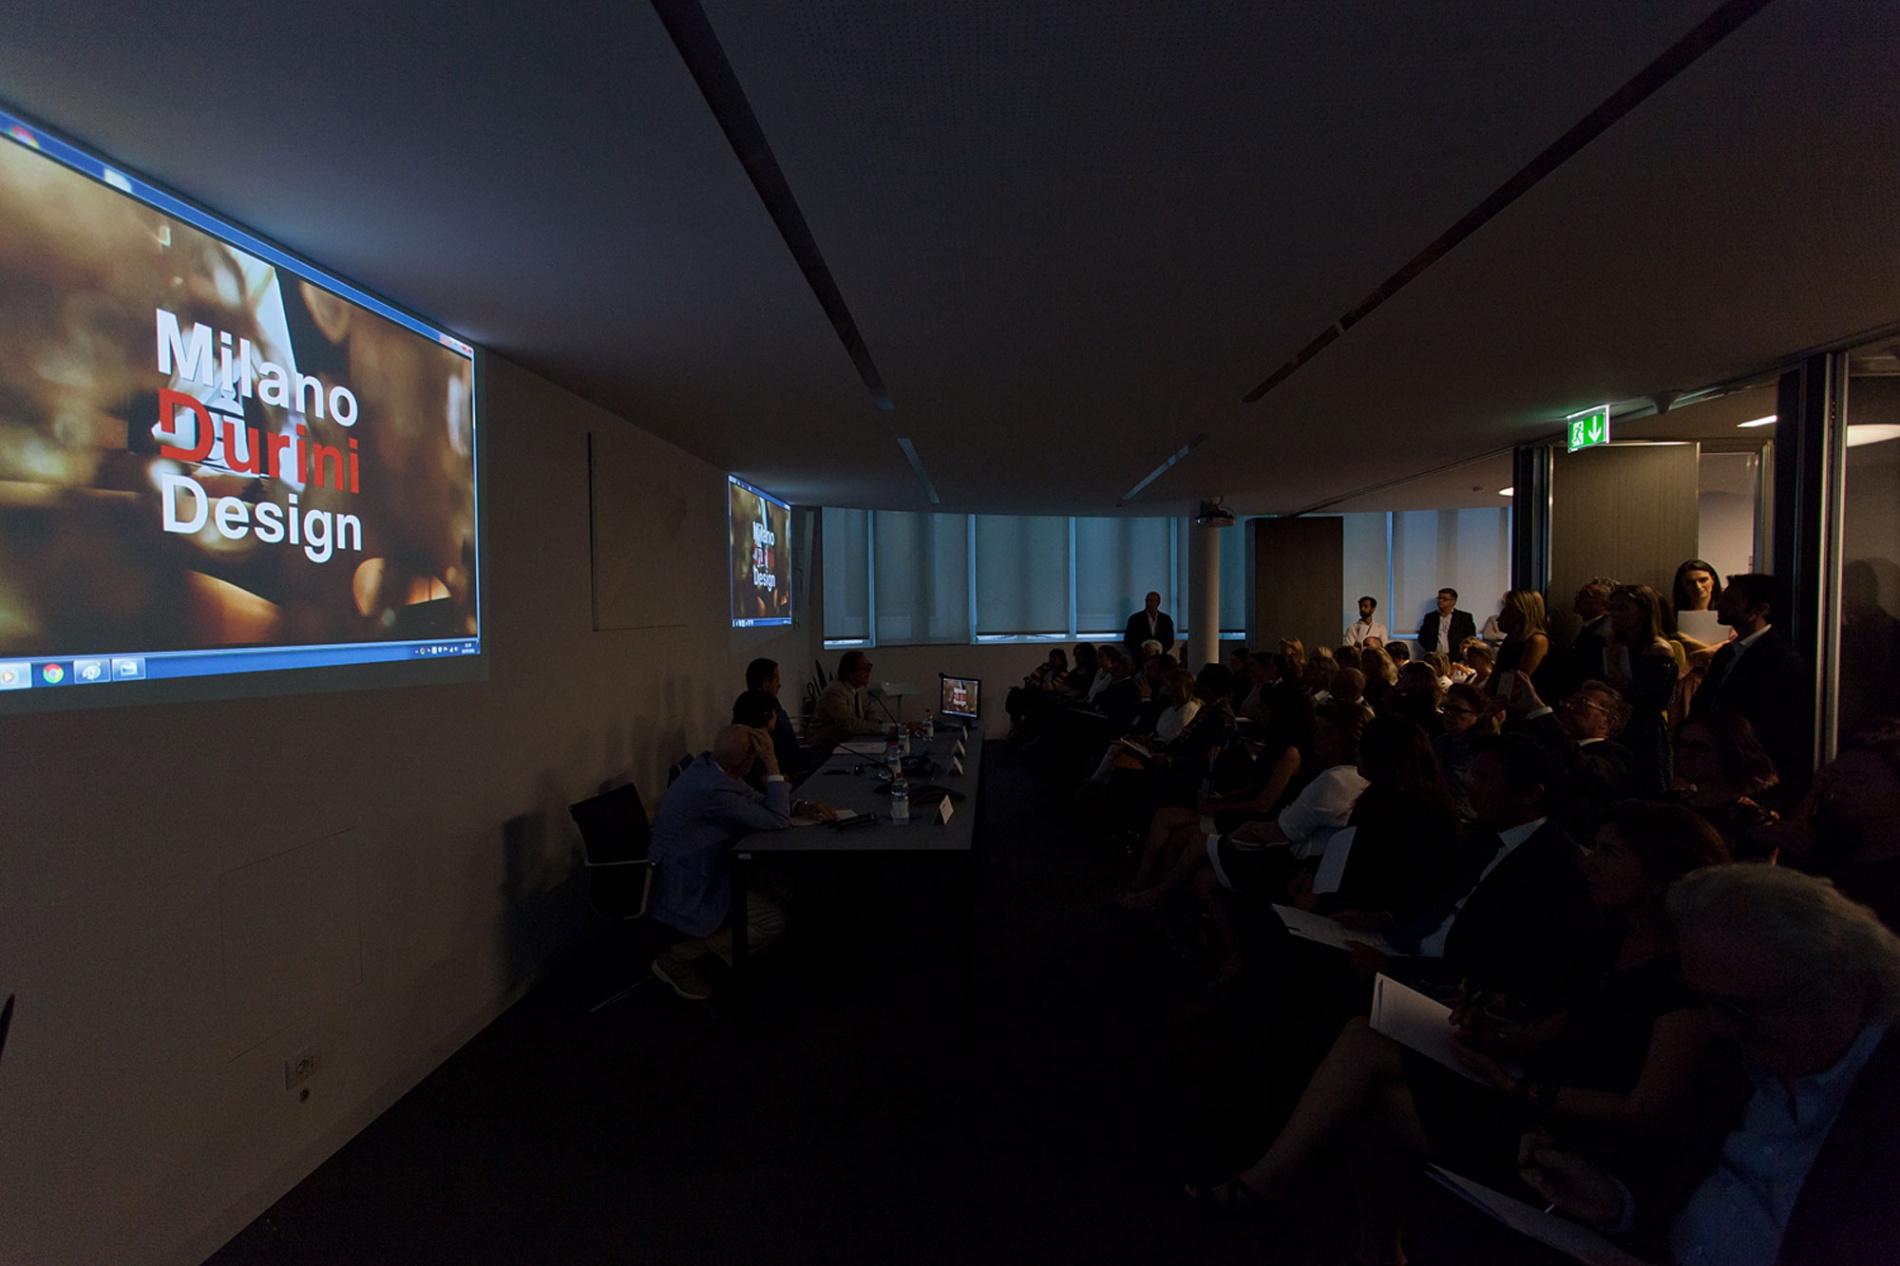 Porro spa news eventi porro socio fondatore di for Design milano eventi